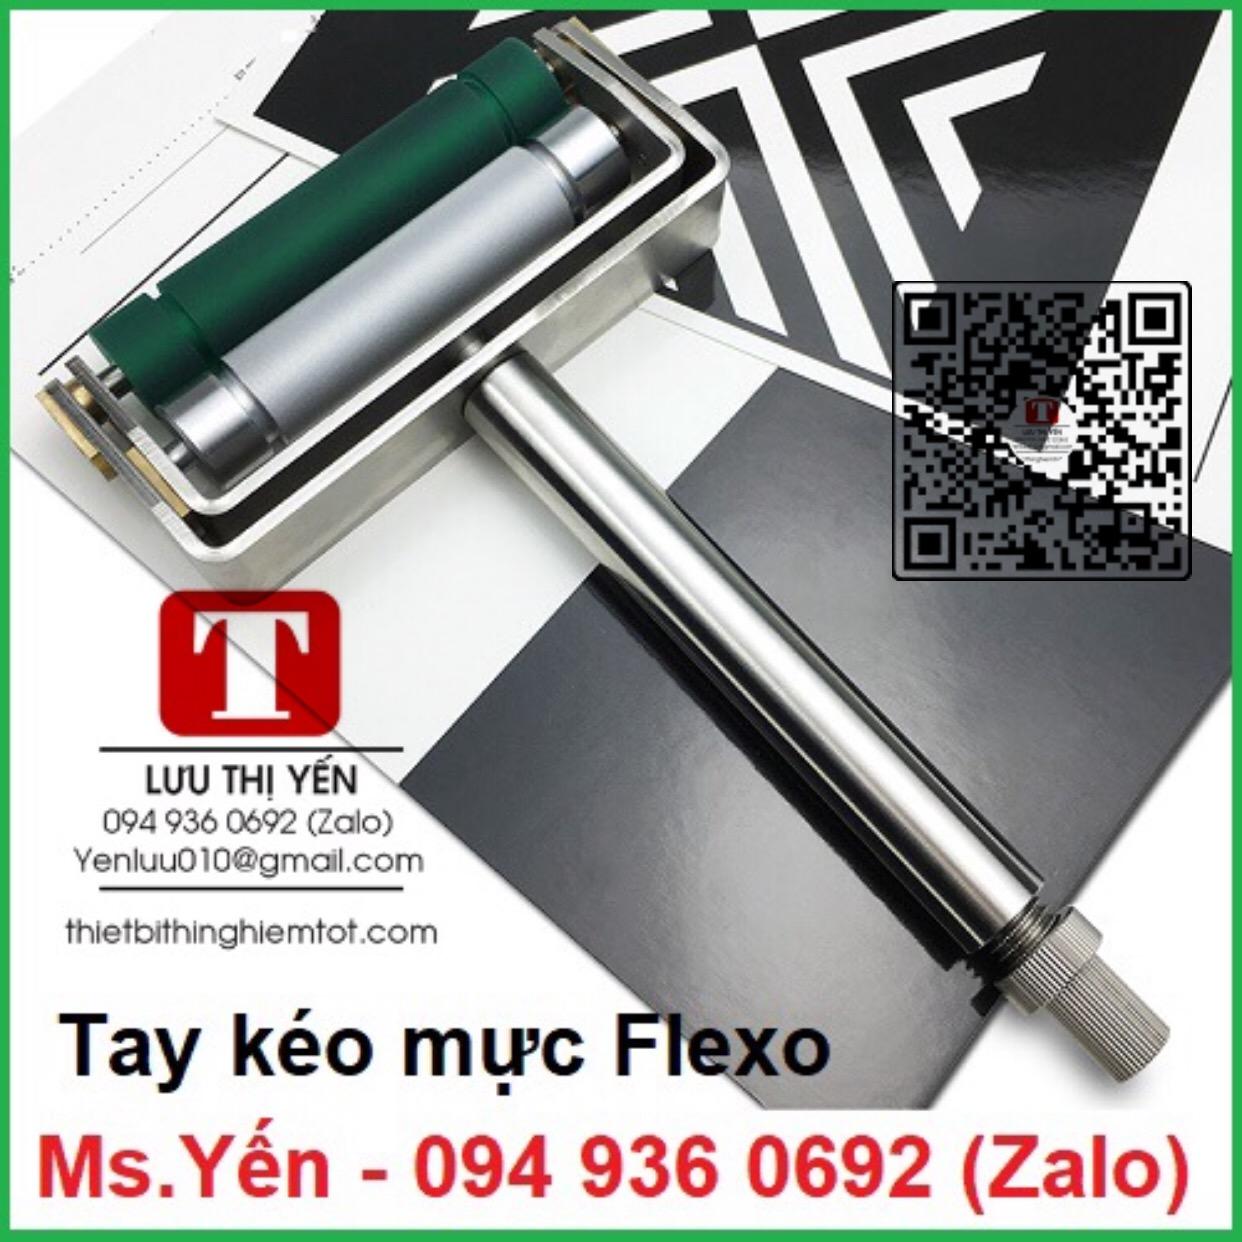 Hướng dẫn sử dụng tay kéo mực Flexo